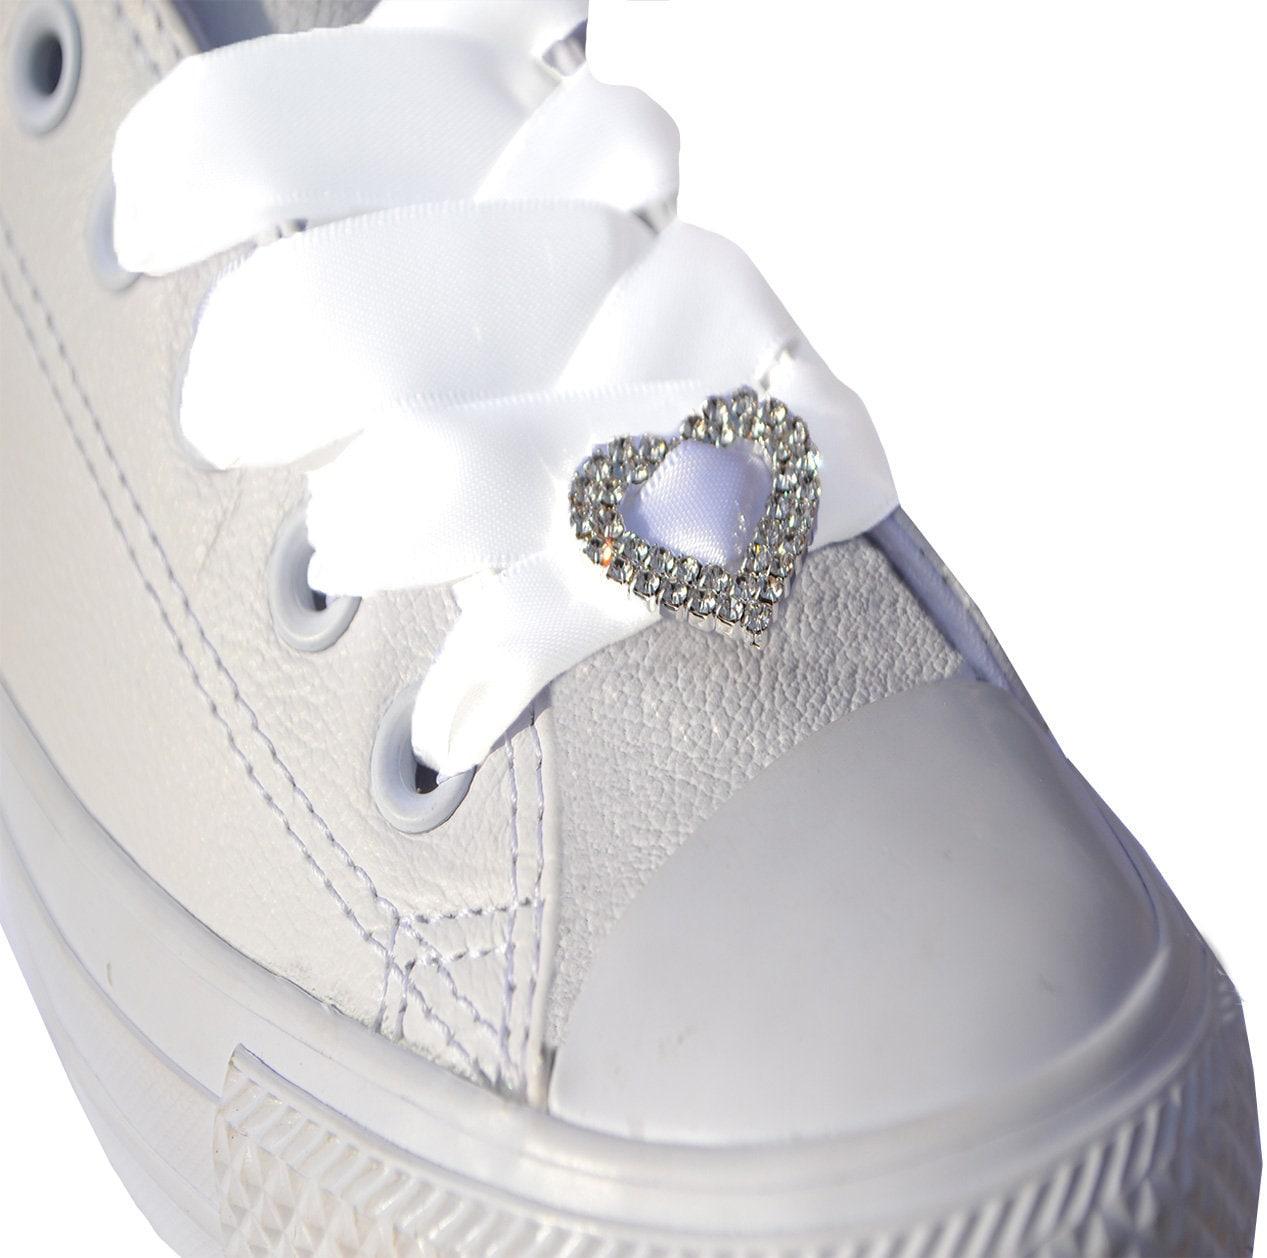 Viele 2 Frauen Kristall Schuh Charms Hochzeit Spitze Schuhe Dekoration Schmuck